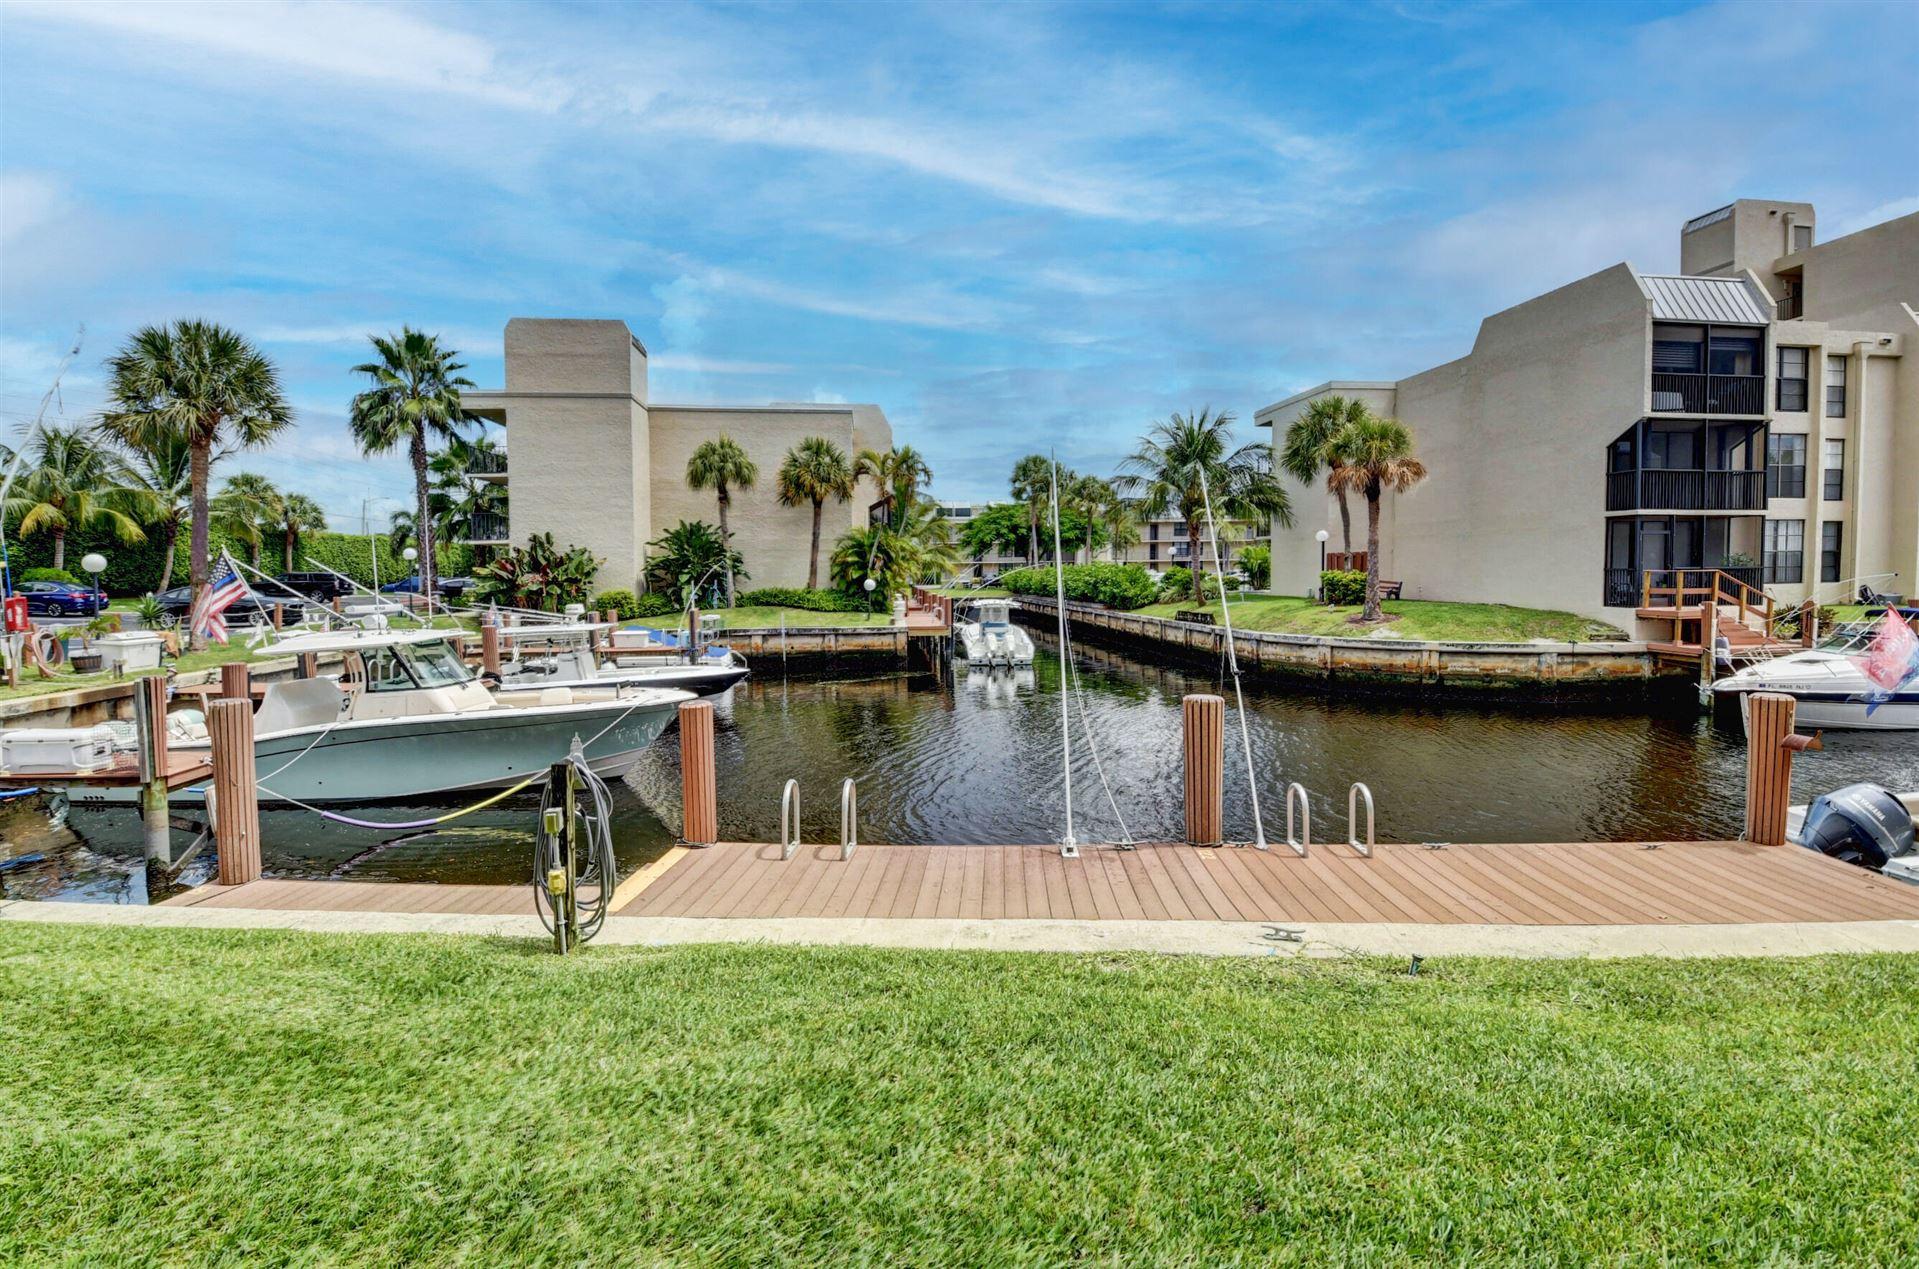 17 Royal Palm Way #102, Boca Raton, FL 33432 - MLS#: RX-10743910